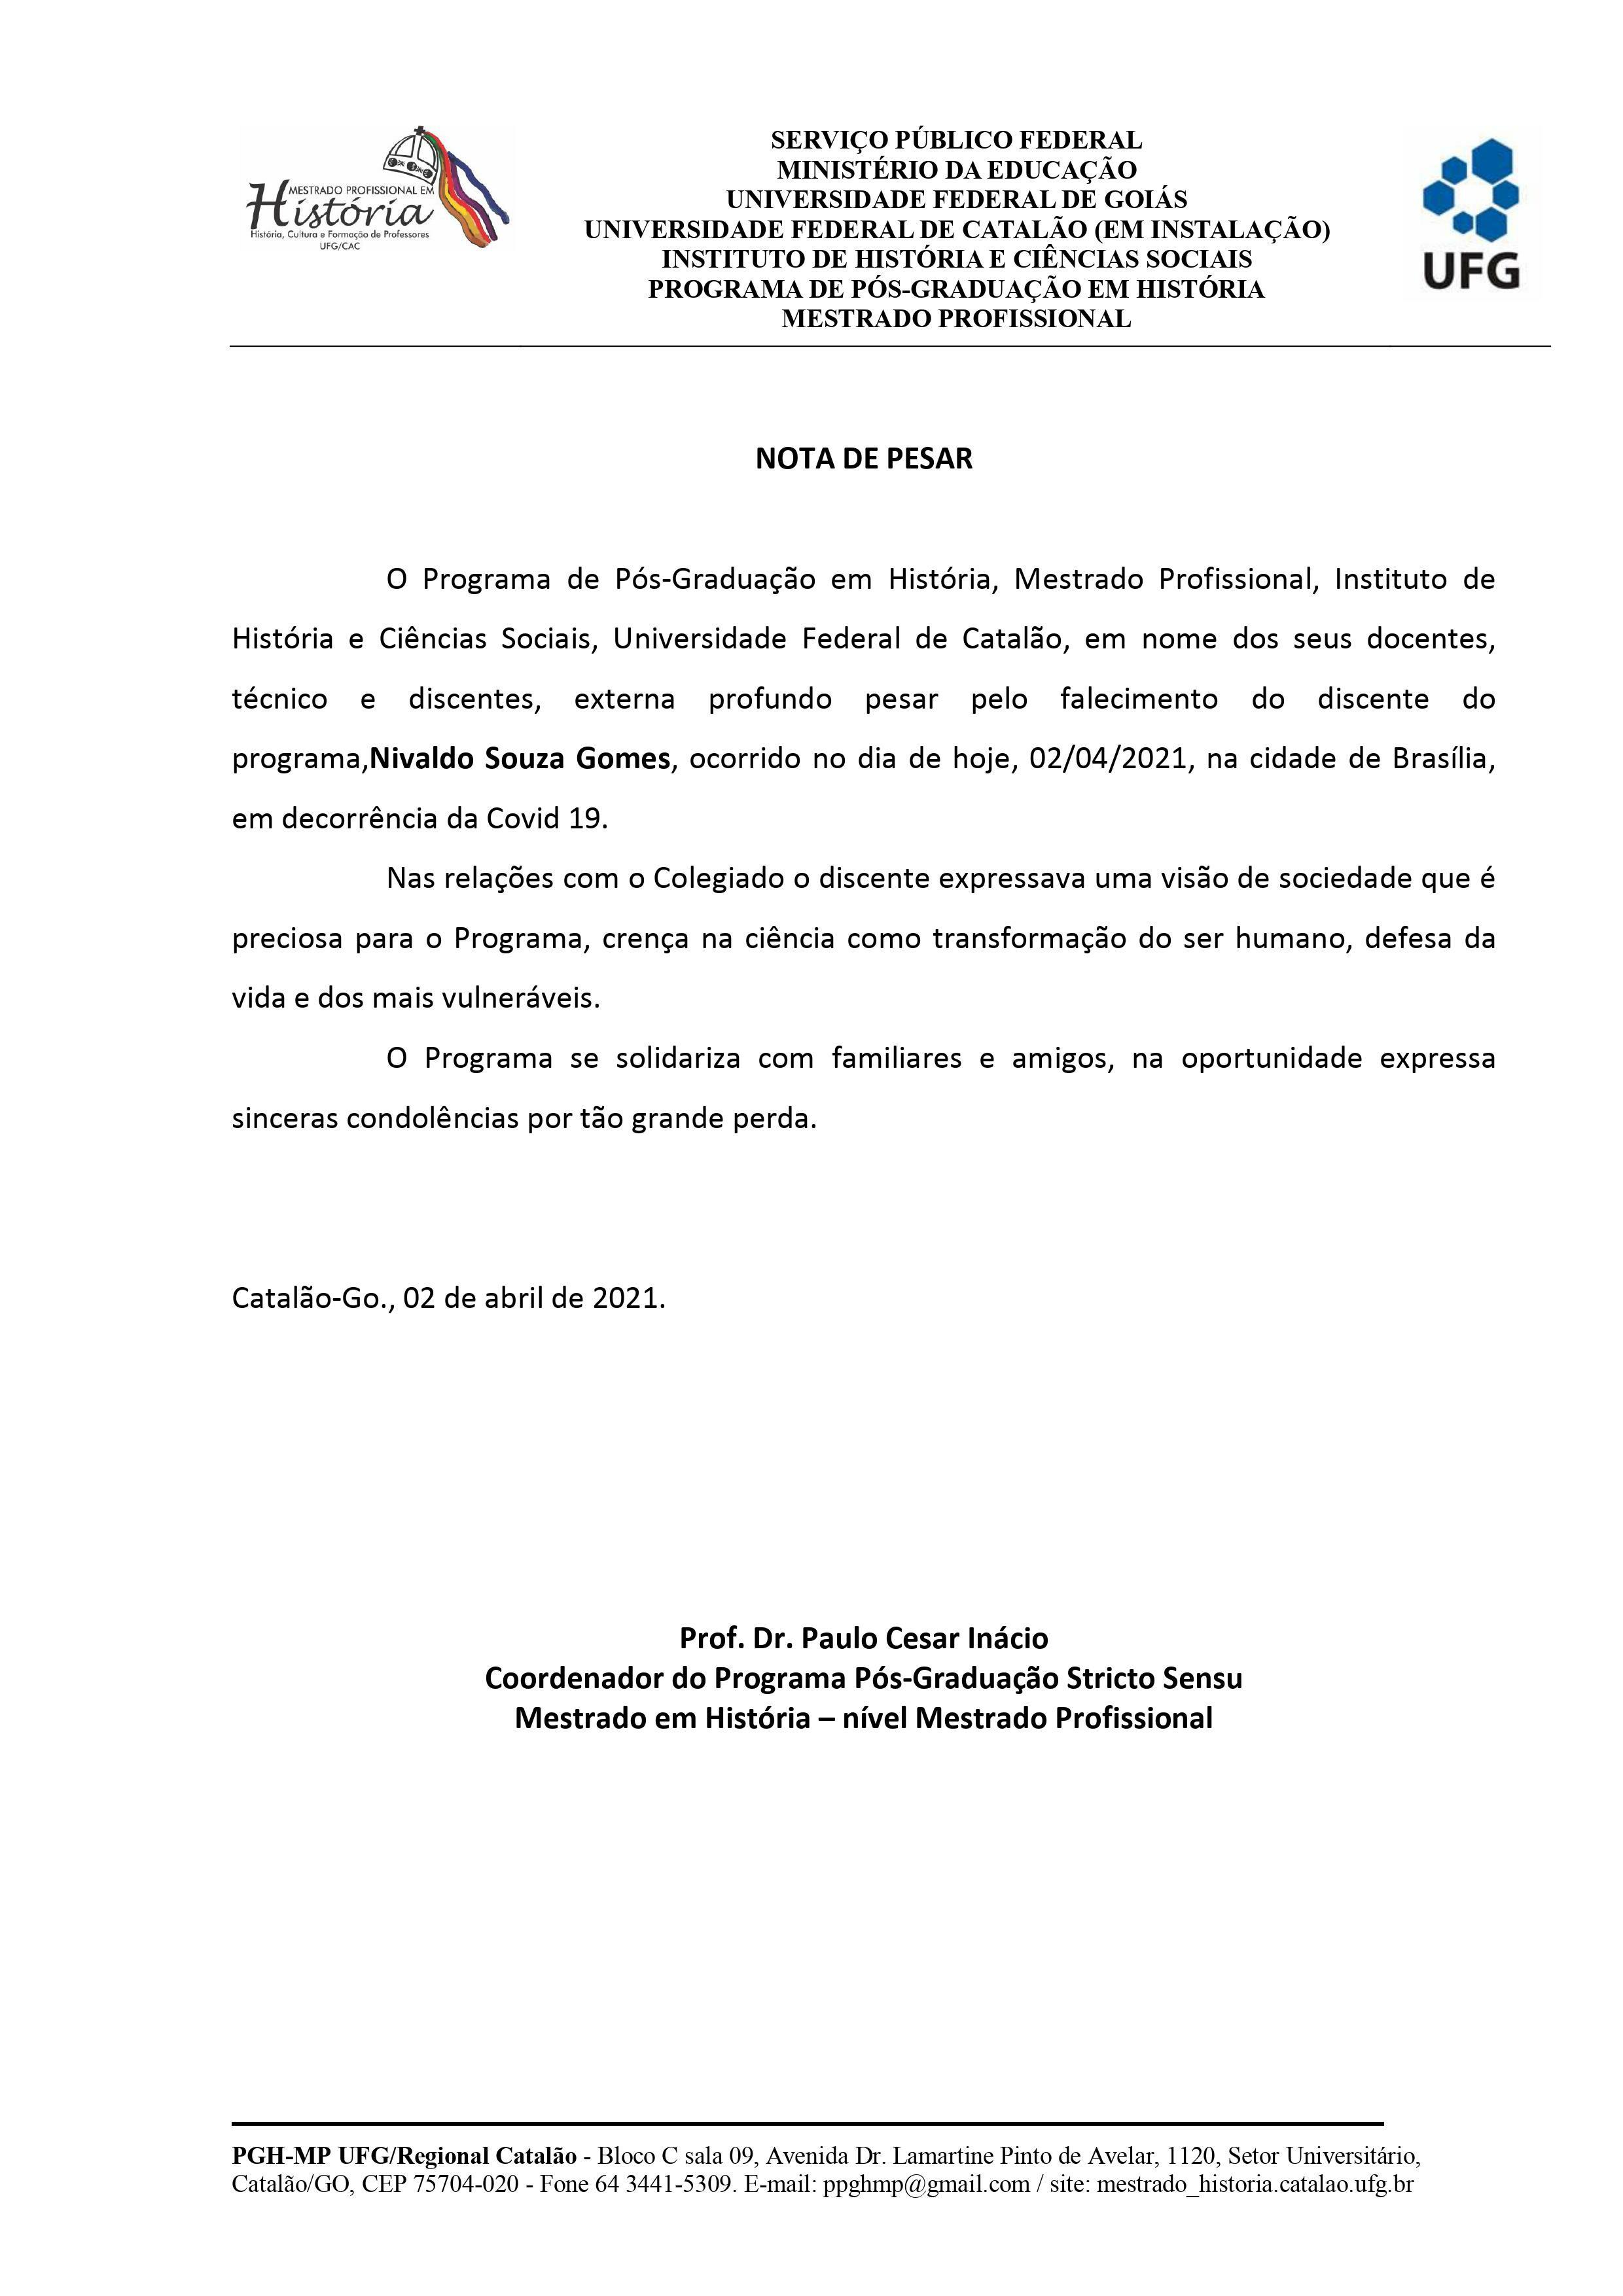 Nota de Pesar - Nivaldo